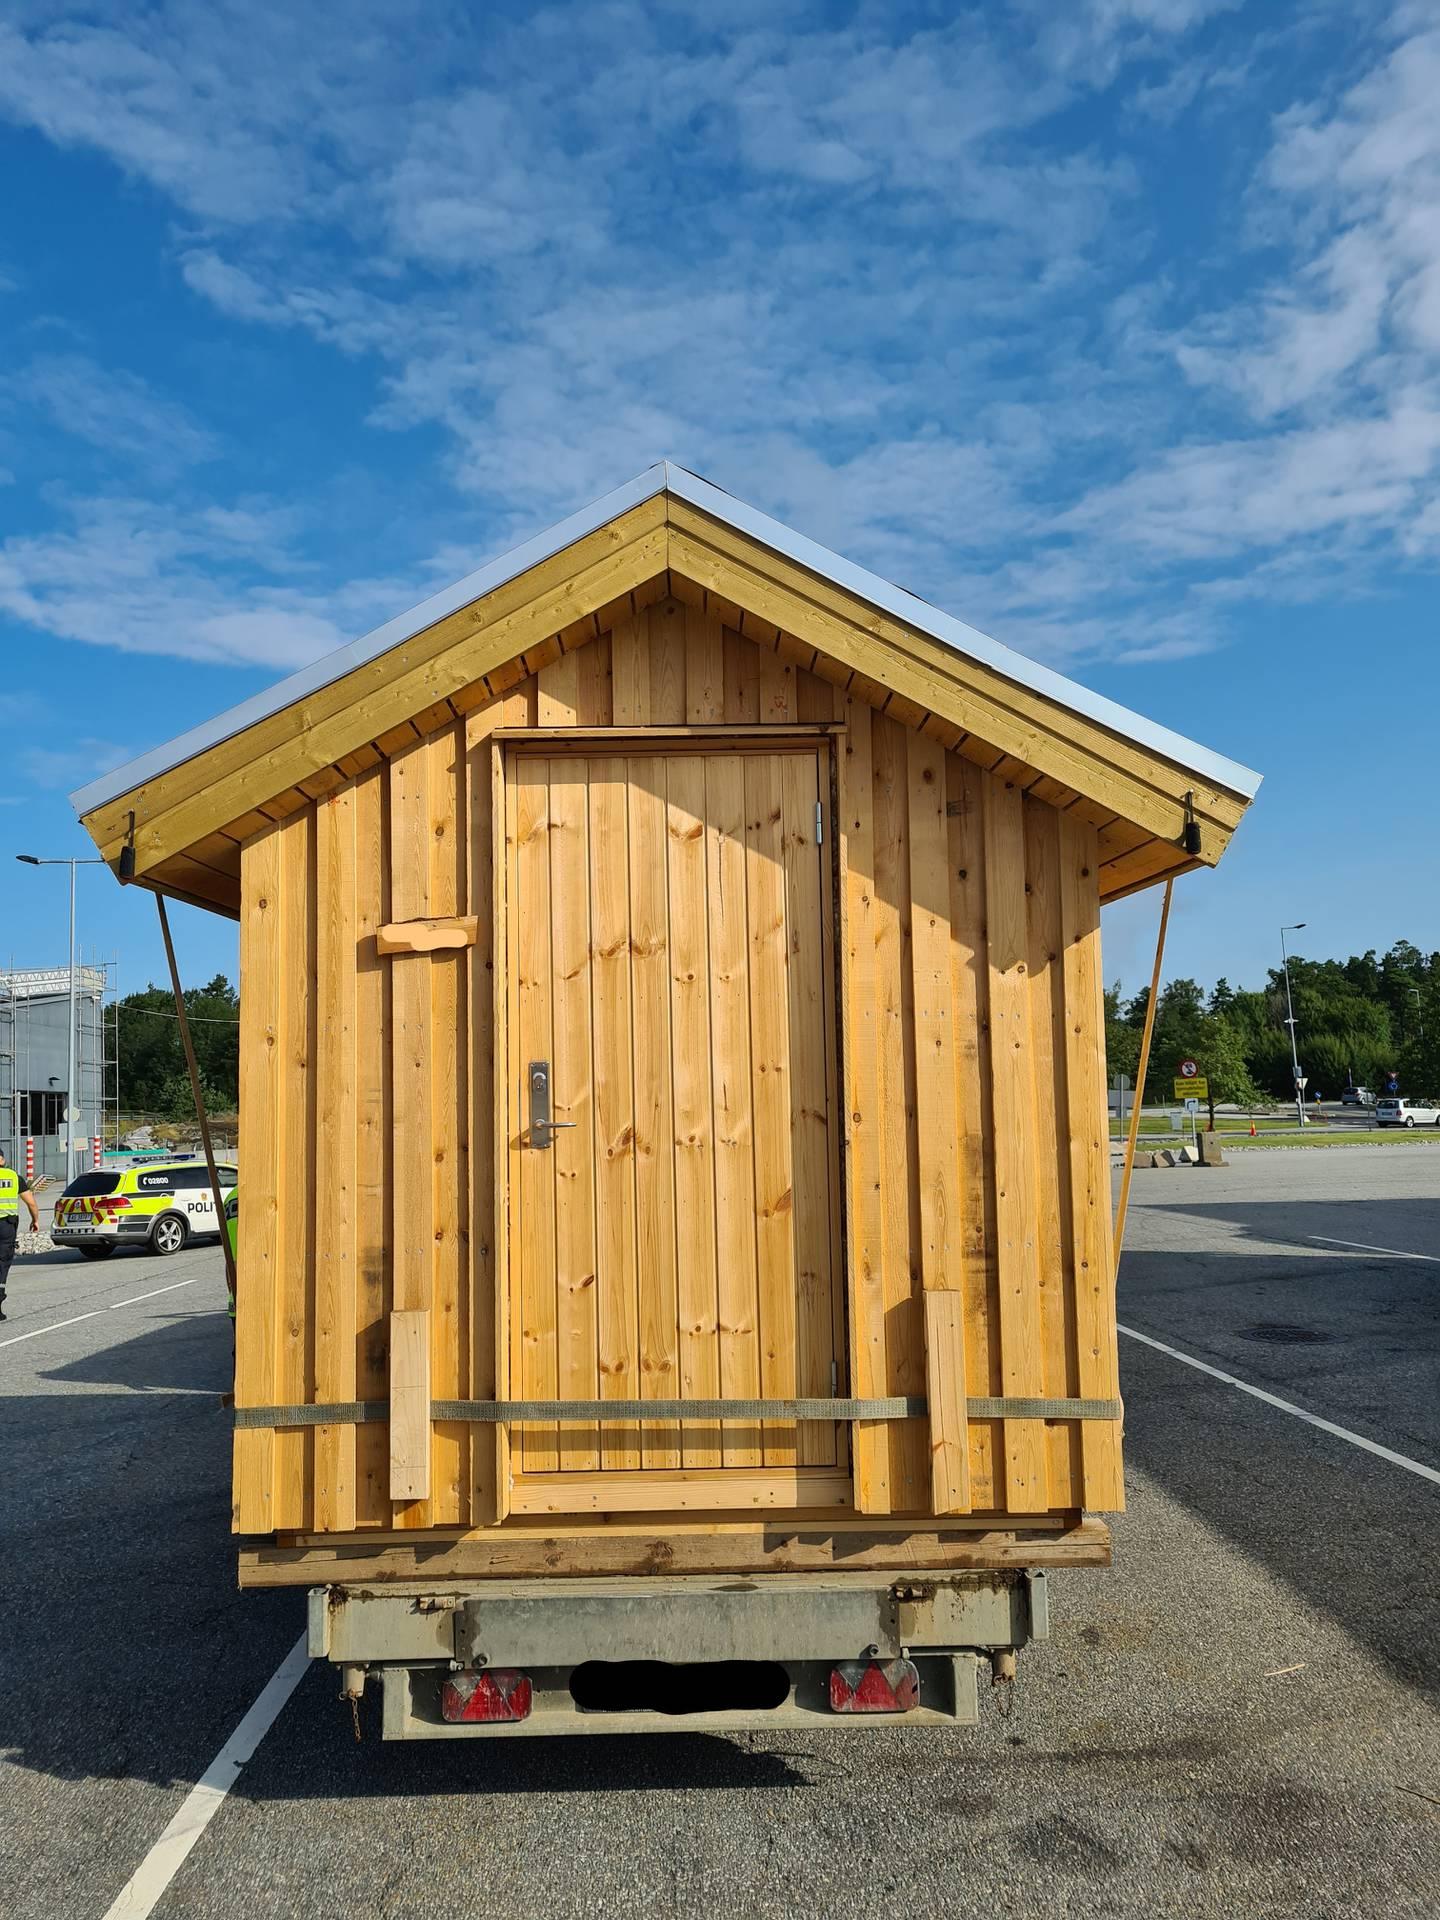 Denne hytta var både for bred og for tung for hengeren og lastebilen, ifølge regelverket, noe som gjorde at Statens vegvesen på Svinesund anmeldte sjåføren til politiet.